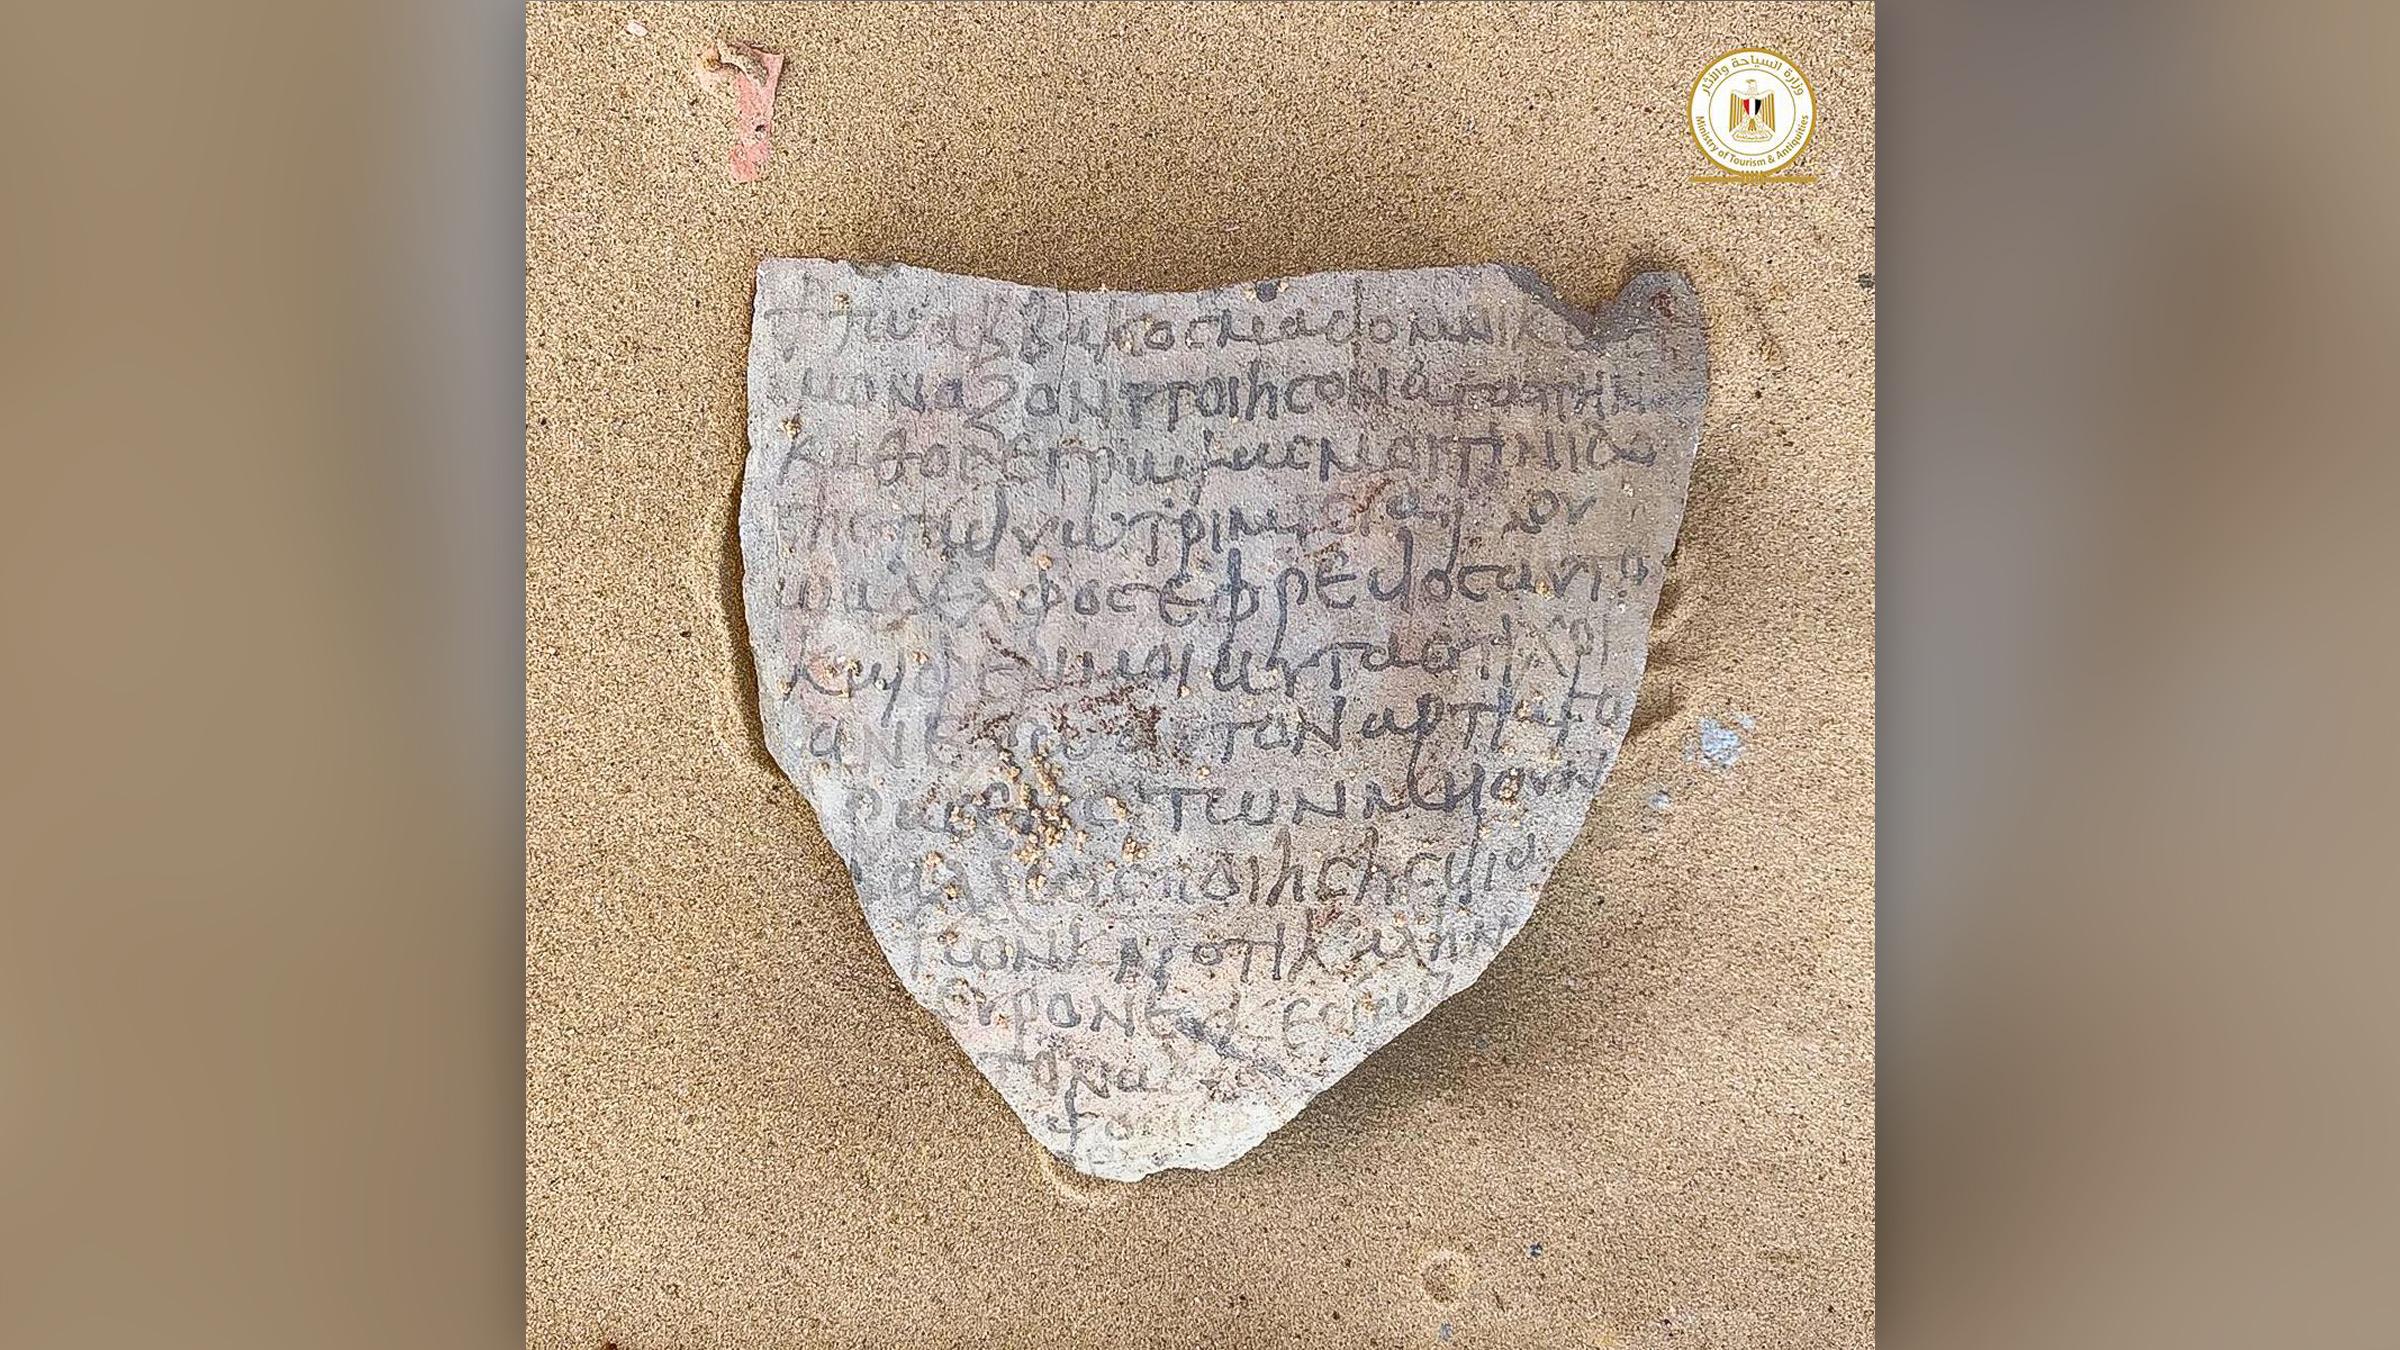 Un morceau d'ostraca trouvé sur le site.